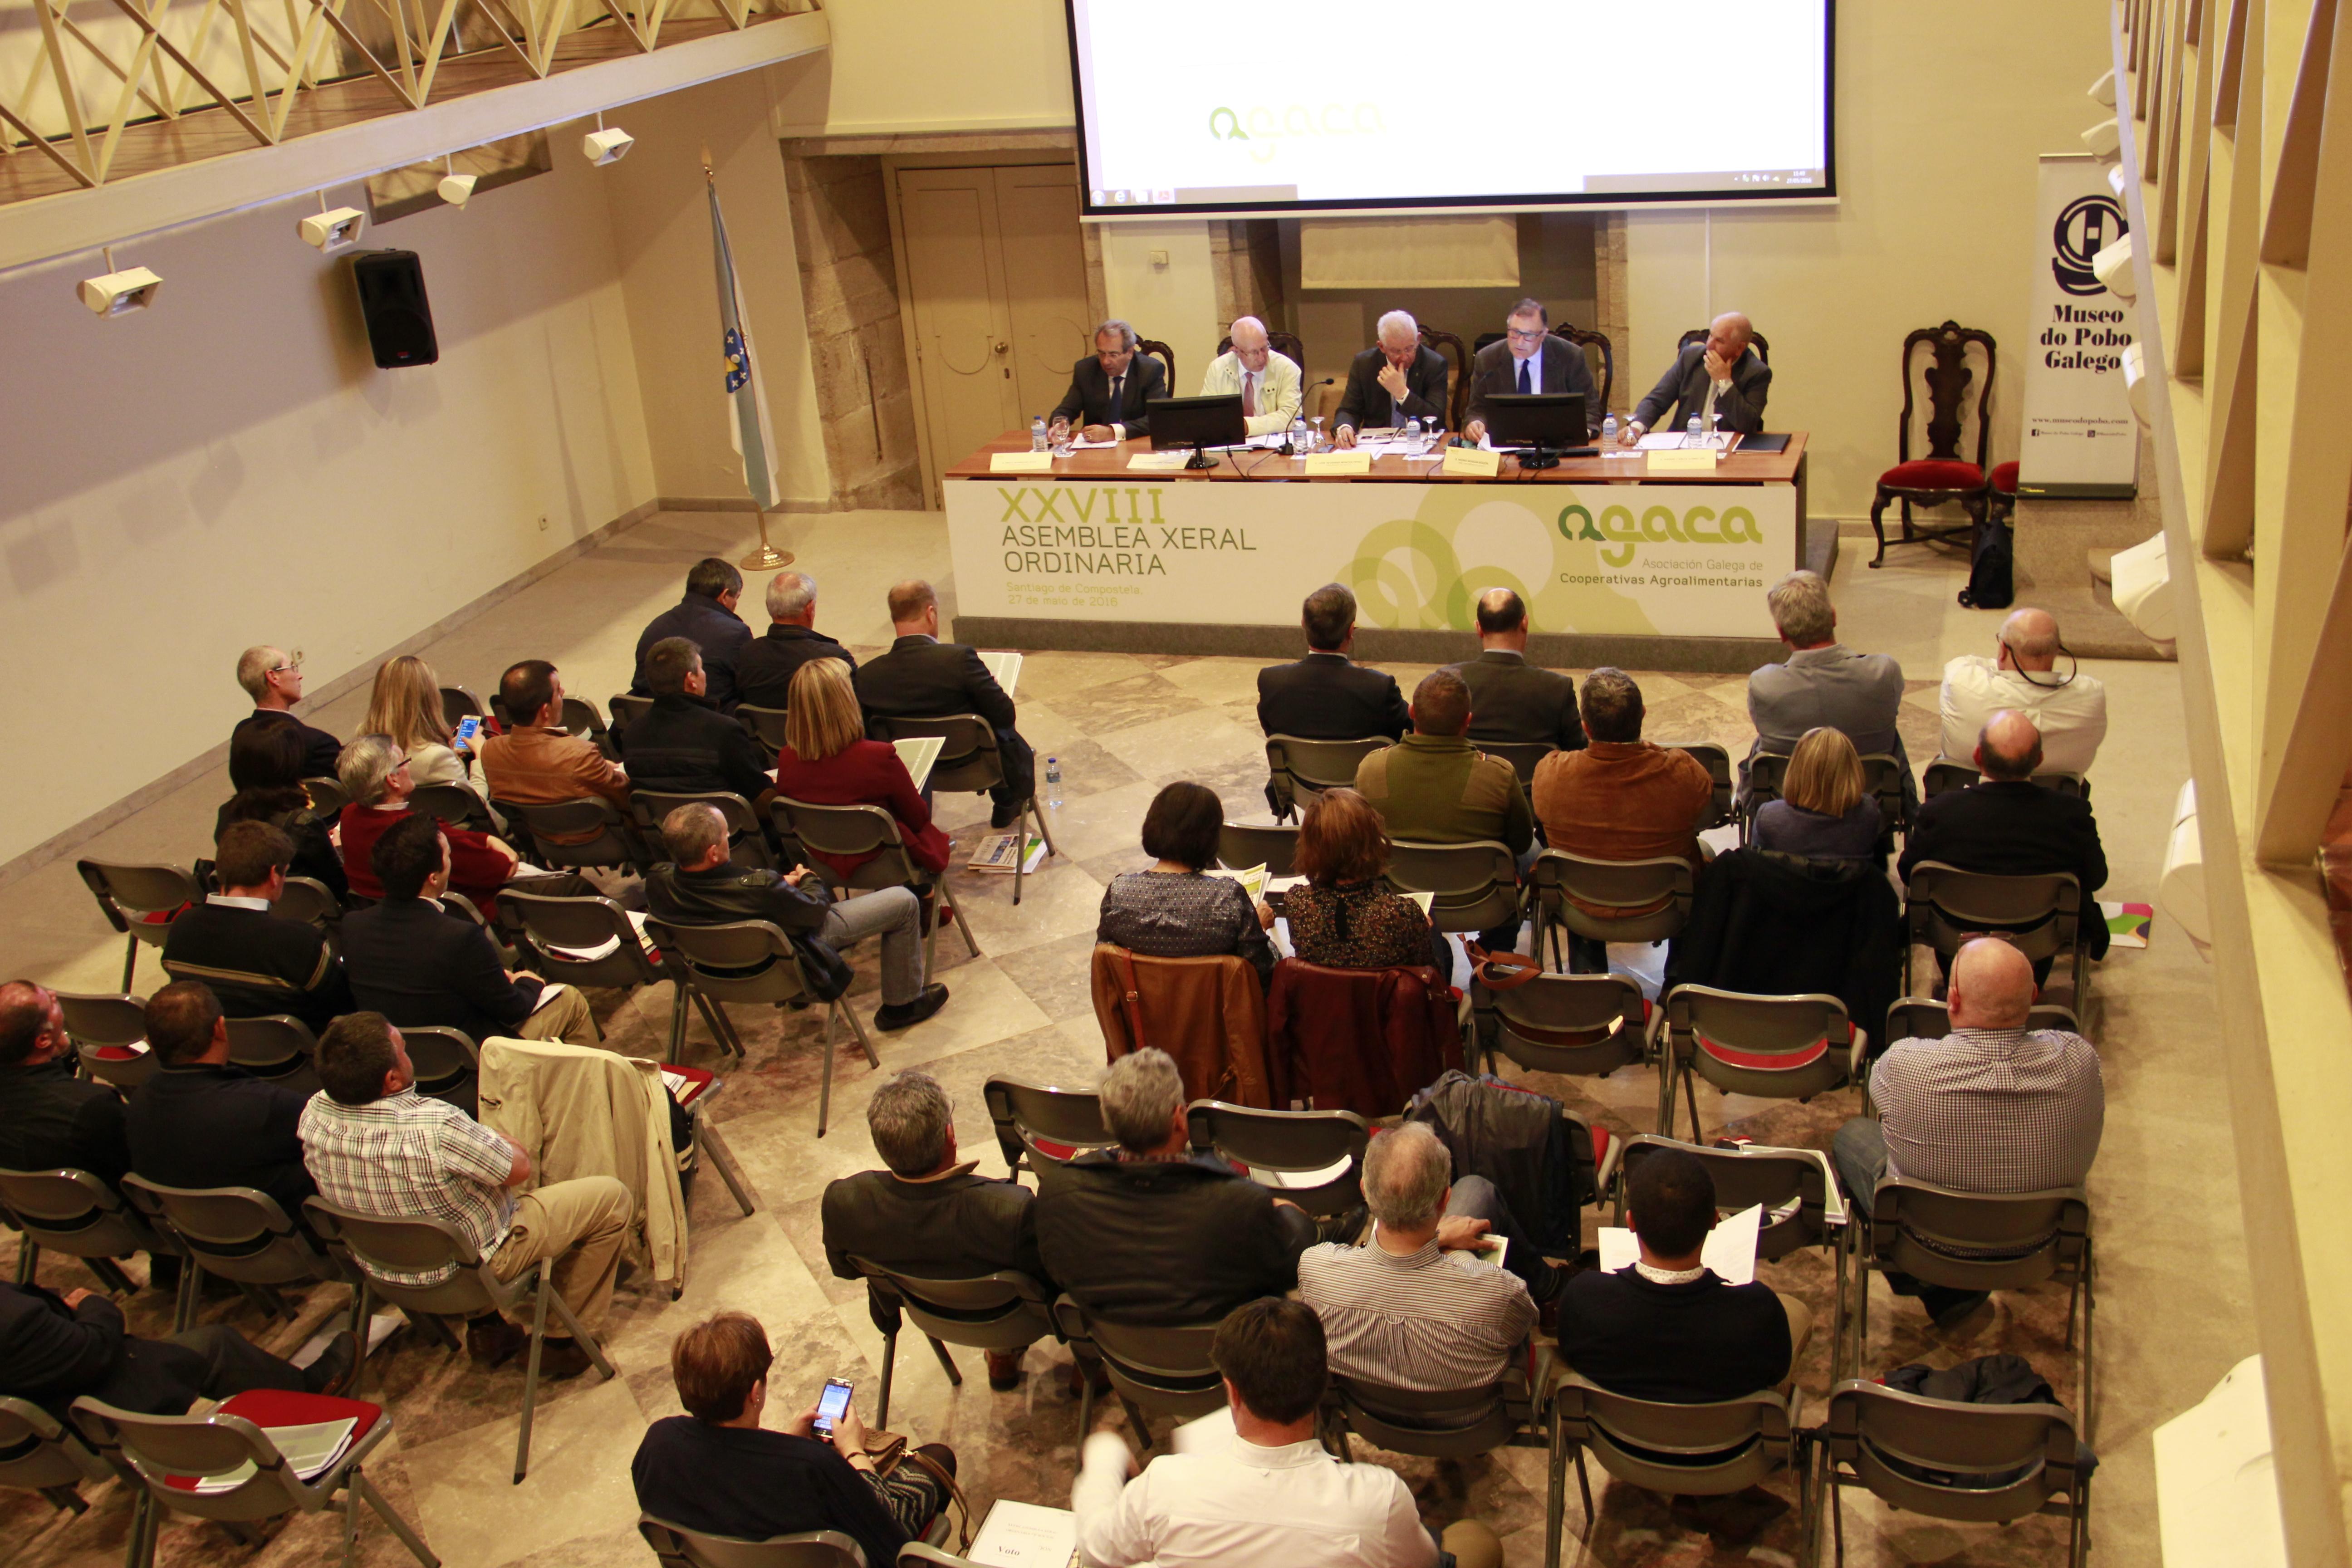 A inestabilidade do sector gandeiro, a aposta pola integración e as alianzas cooperativas, o reforzo da cultura empresarial e a continuidade das iniciativas sociais, temas centrais na 28º Asemblea Xeral de AGACA